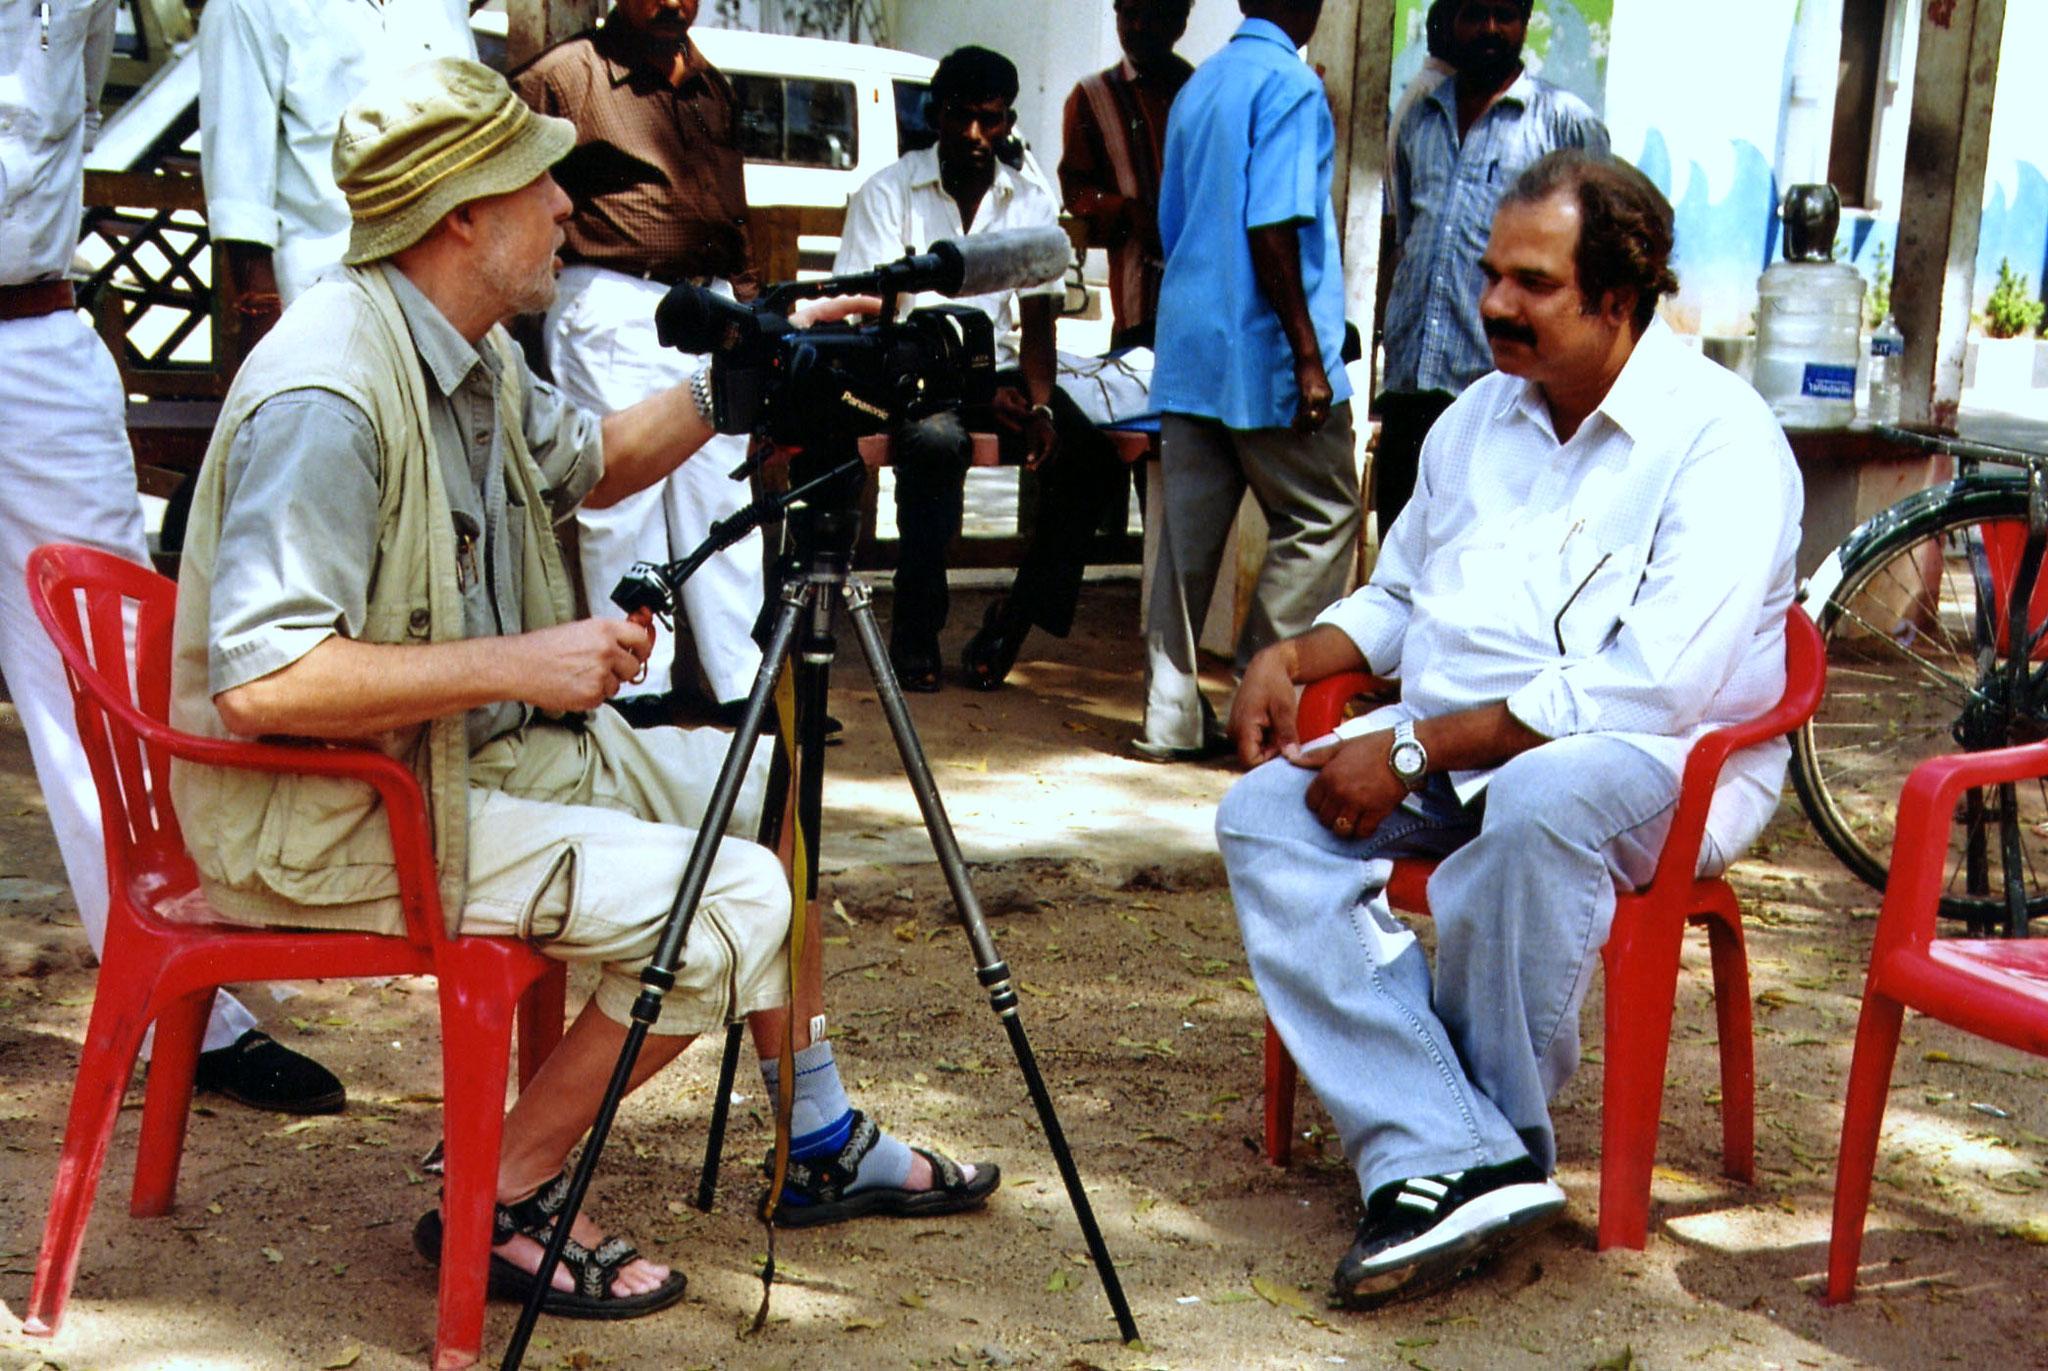 Welcome Mikel - Regisseur des Filmstudios hatte Zeit für den Besucher